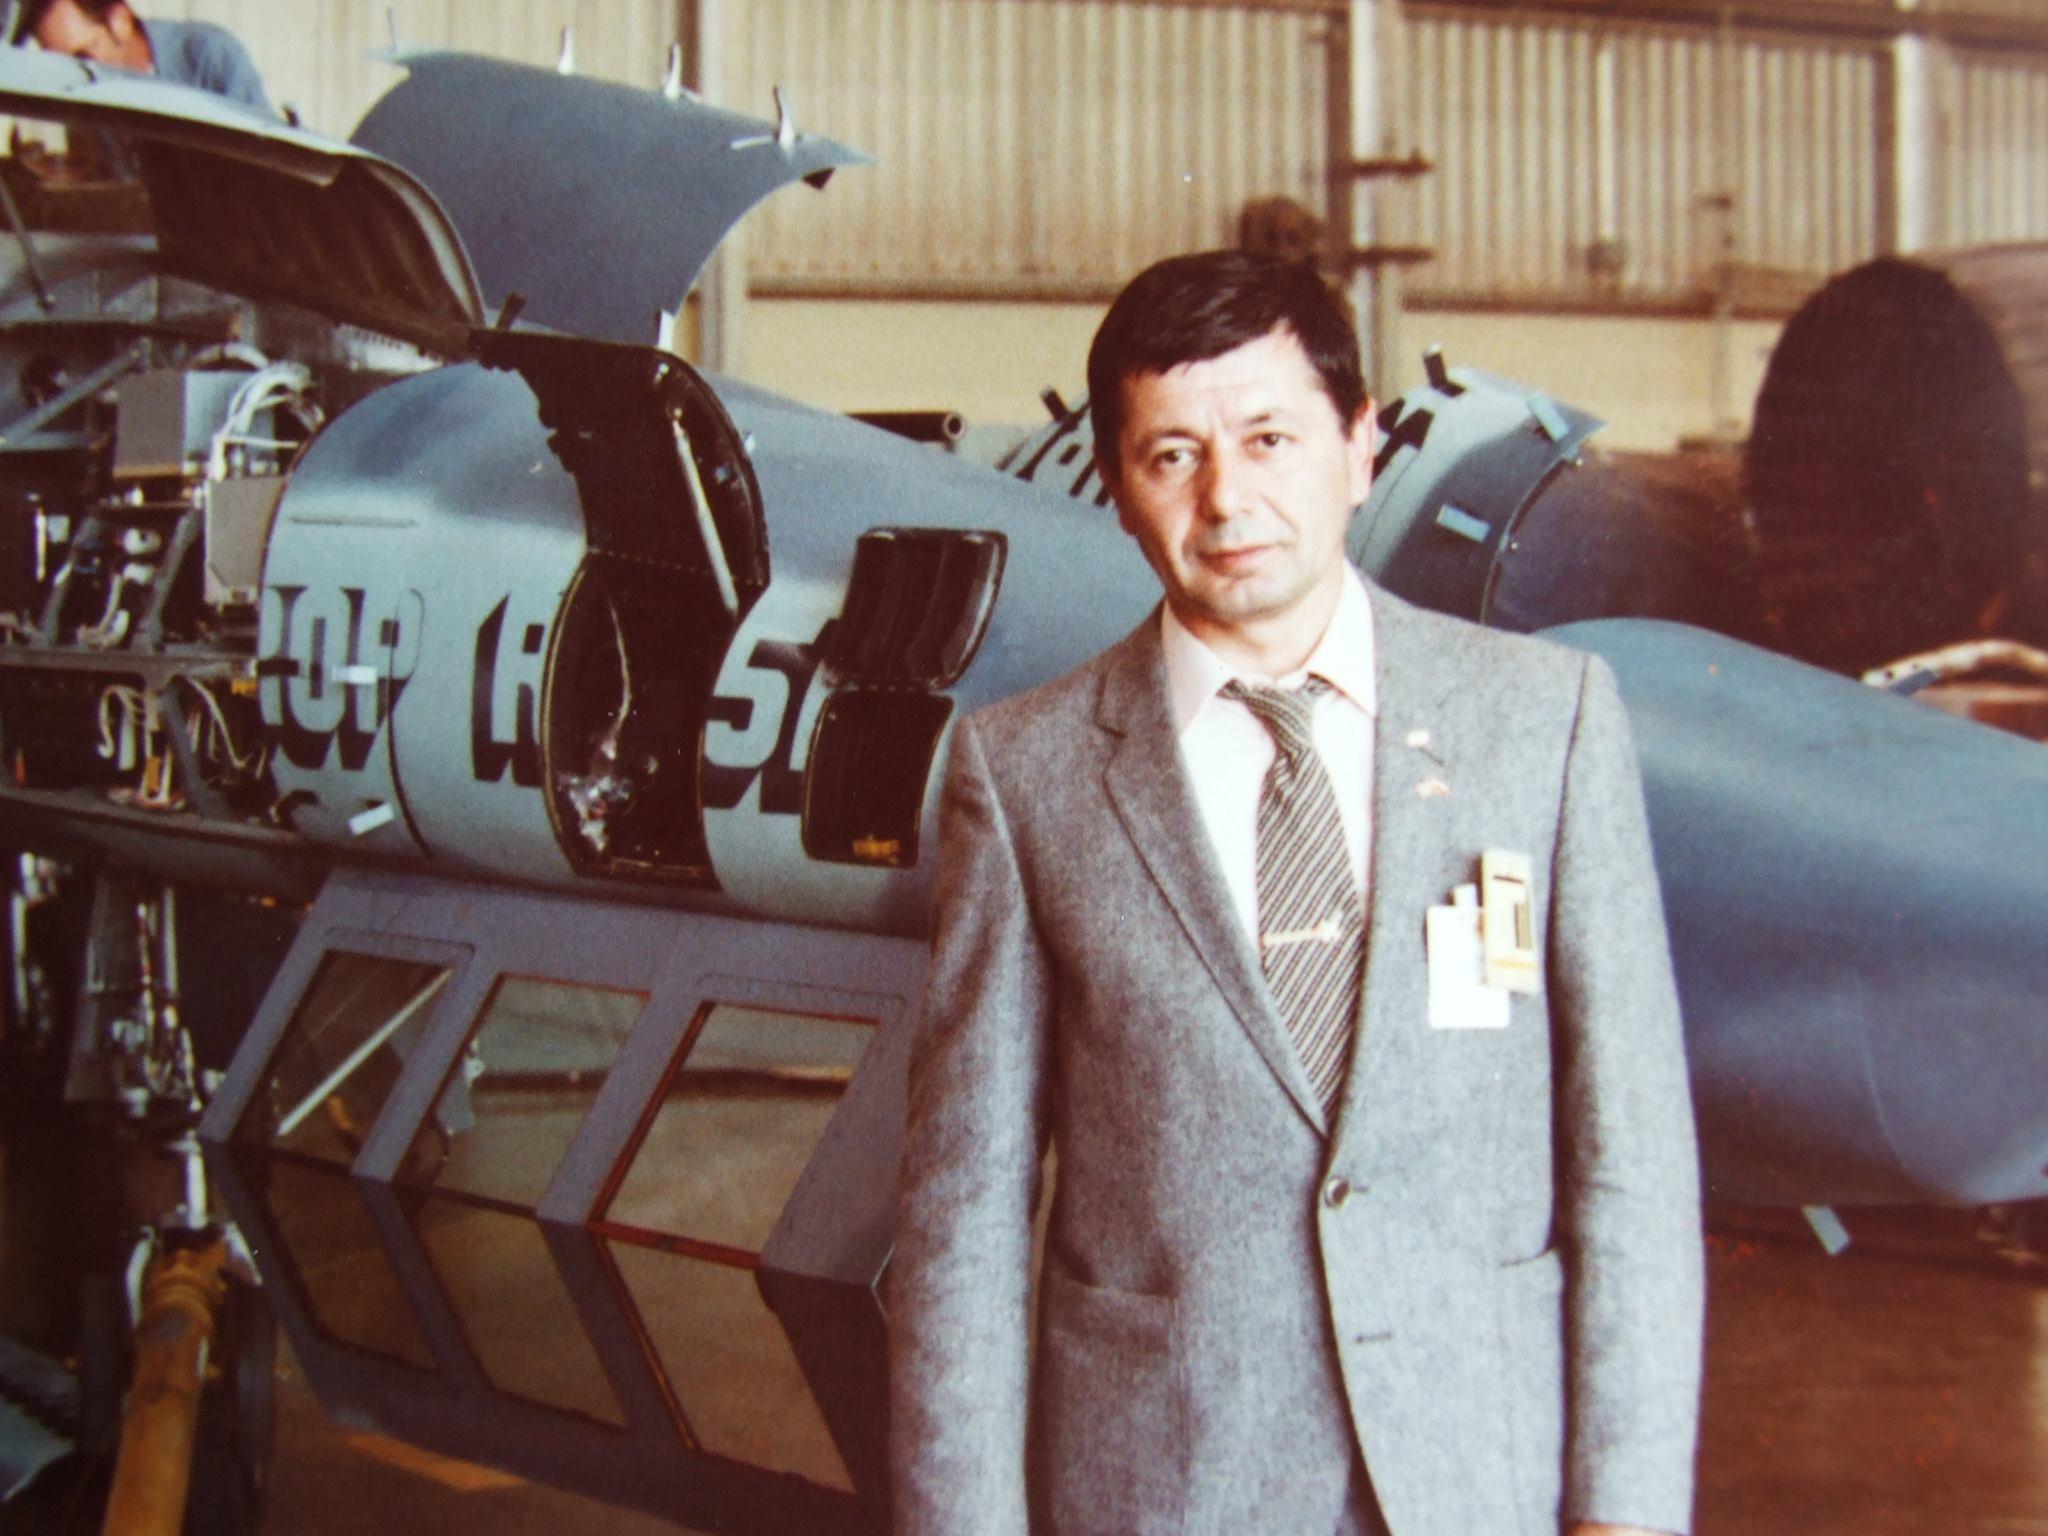 ISPITIVANJE PROTOTIPA AVIONA RF–5E U SAD 1980. GODINE 00d7f864f5eade7d68146d88b2ba2bbbd69171c0